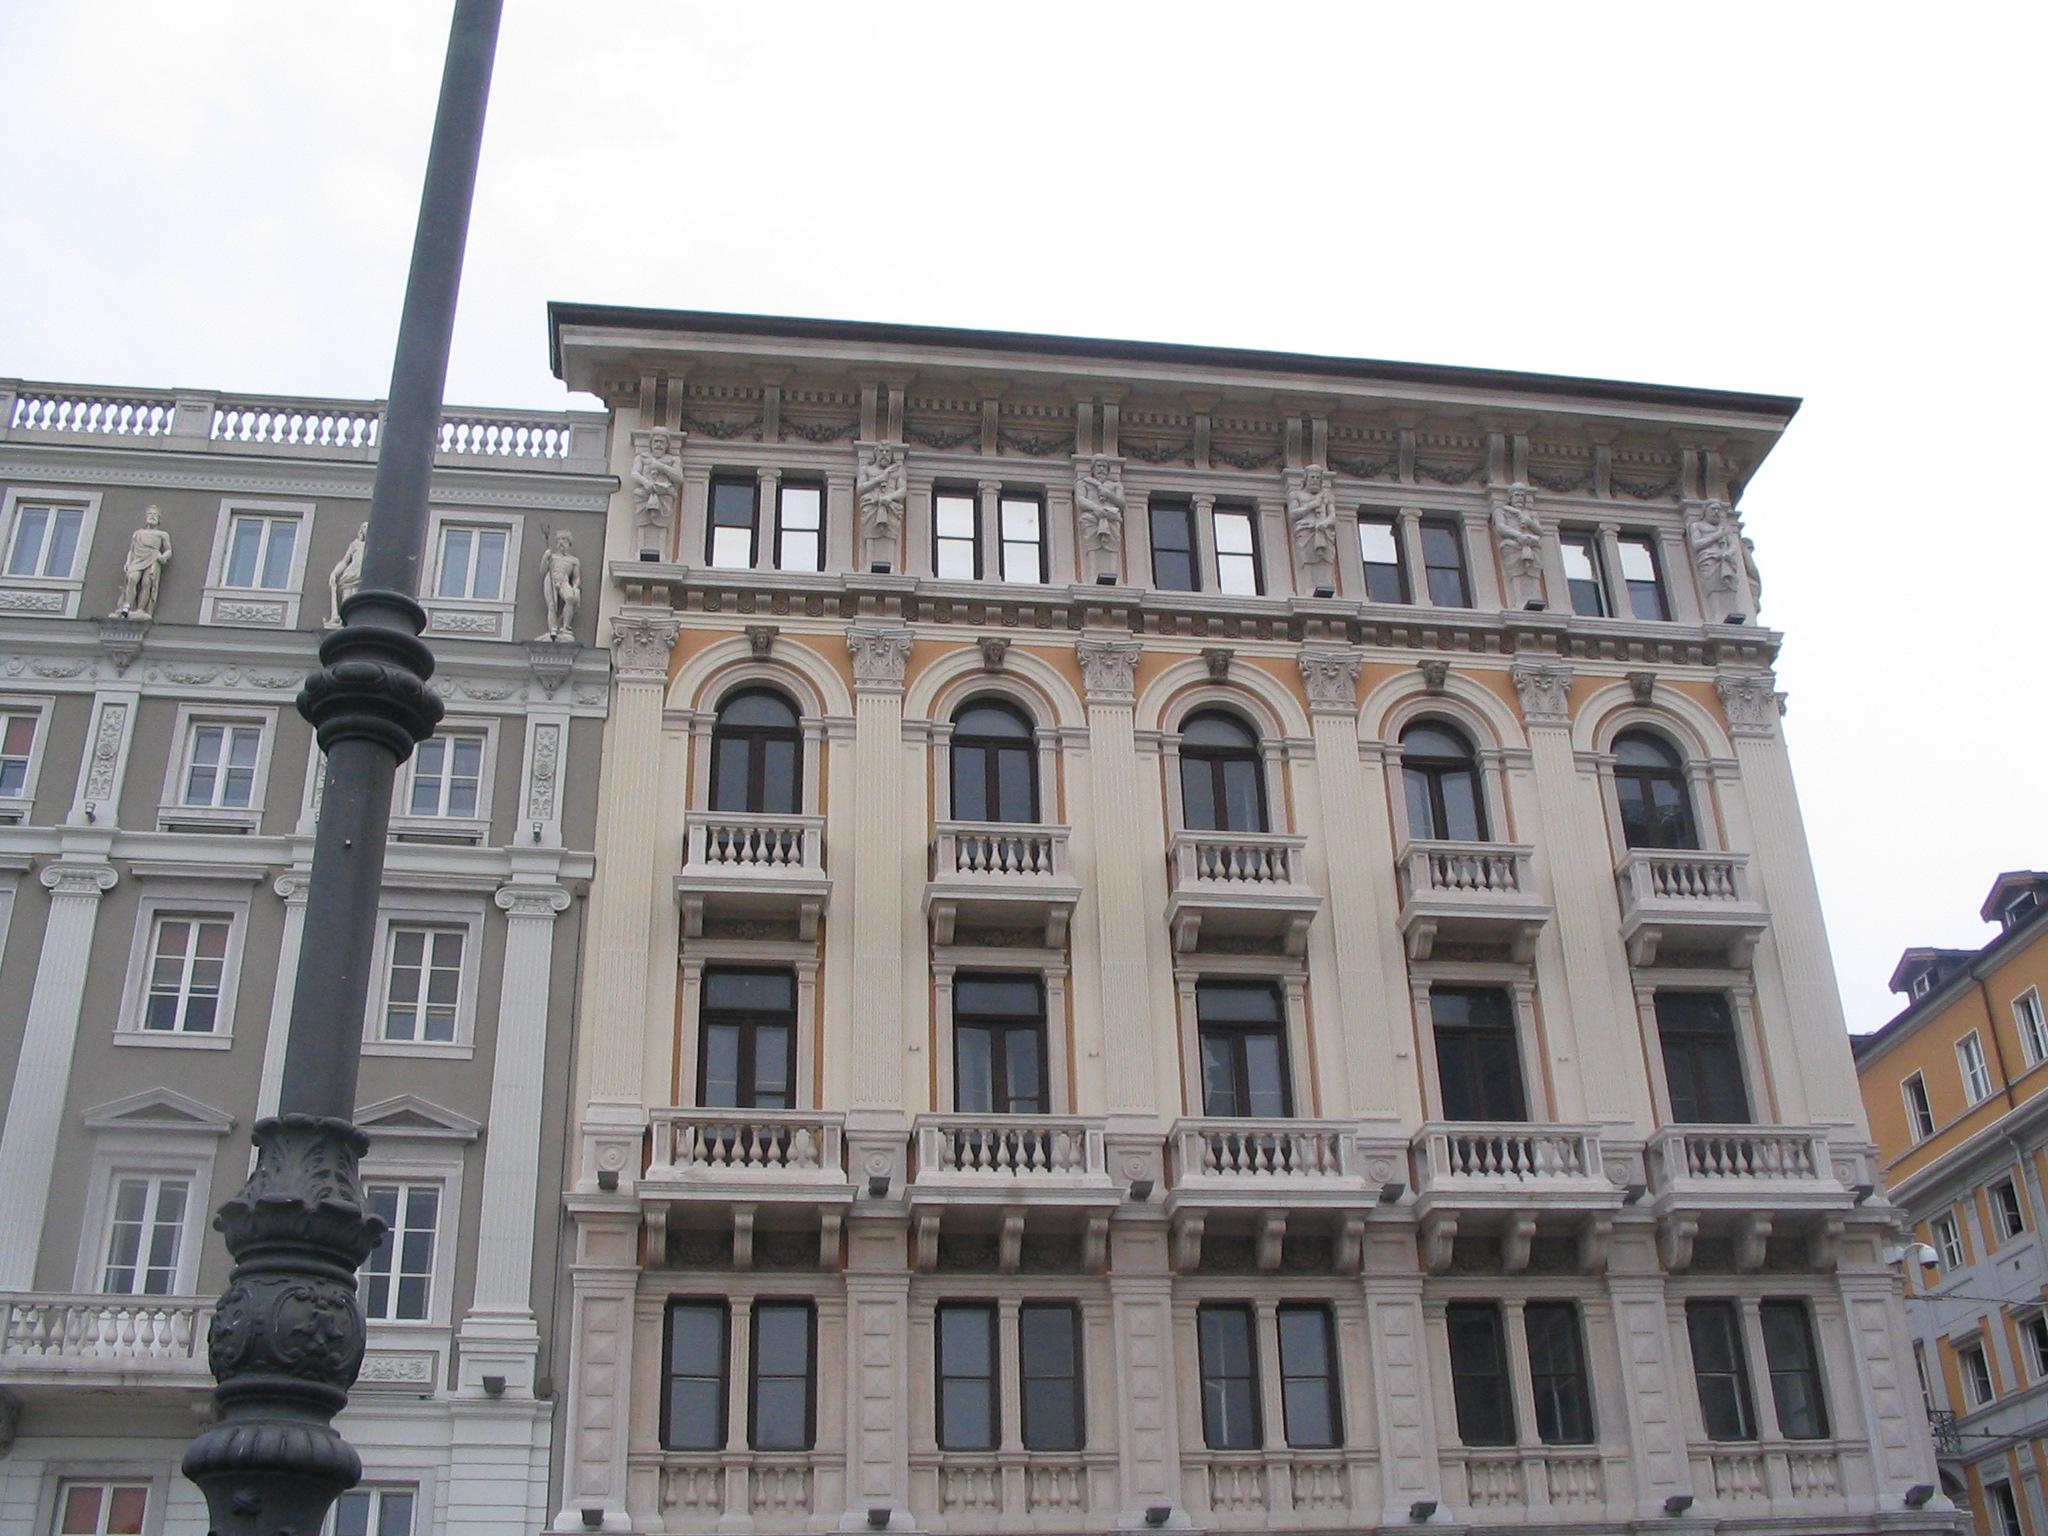 File:Trieste, Palazzo Modello (2005).jpg - Wikipedia